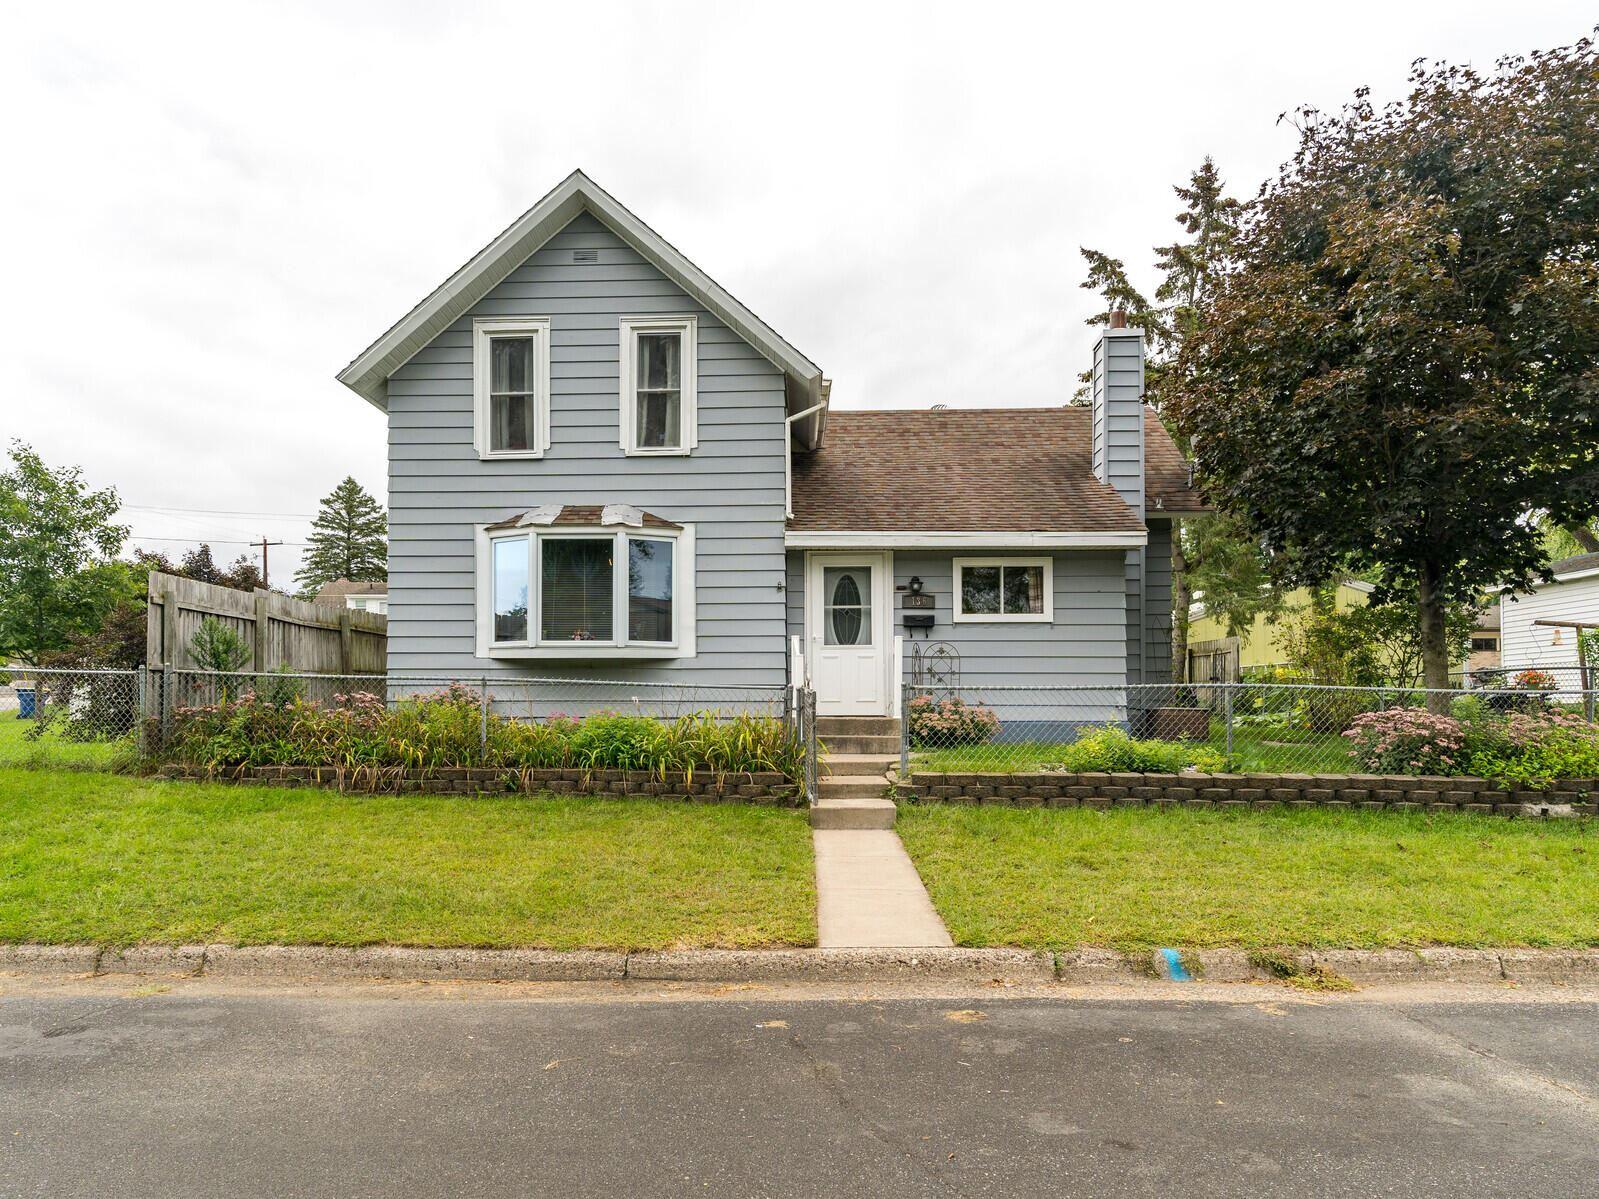 136 N West St, Stoddard, WI 54658 - MLS#: 1763815